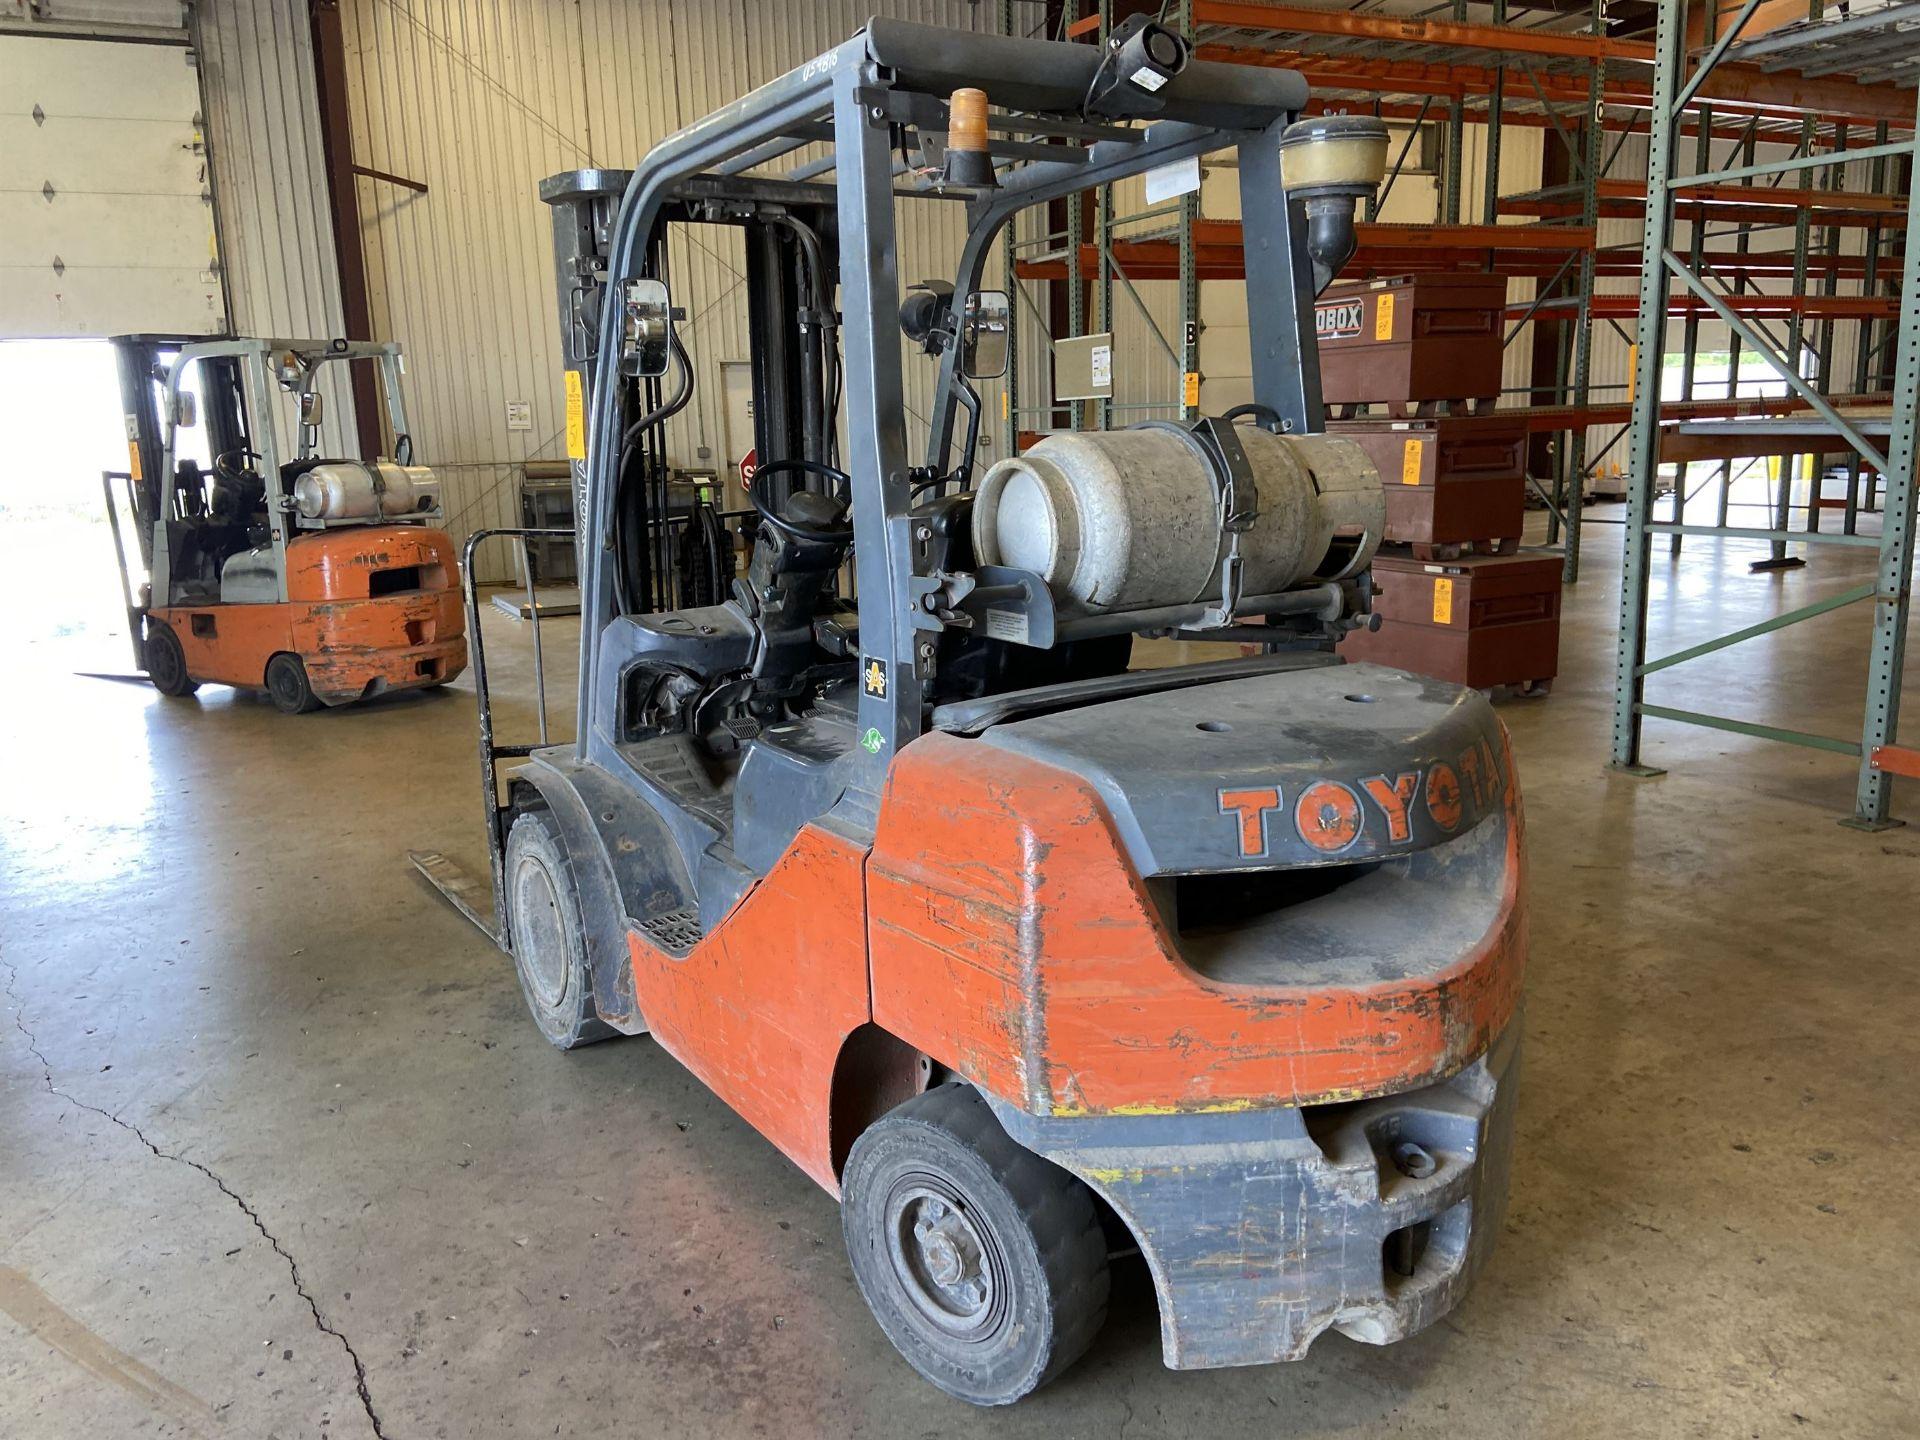 """Toyota Model 8FGU 25 LP 4500 Lb LP Forklift, 189 Lift, 3 Stage, 48"""" Forks, Side Shift, Solid - Image 3 of 6"""